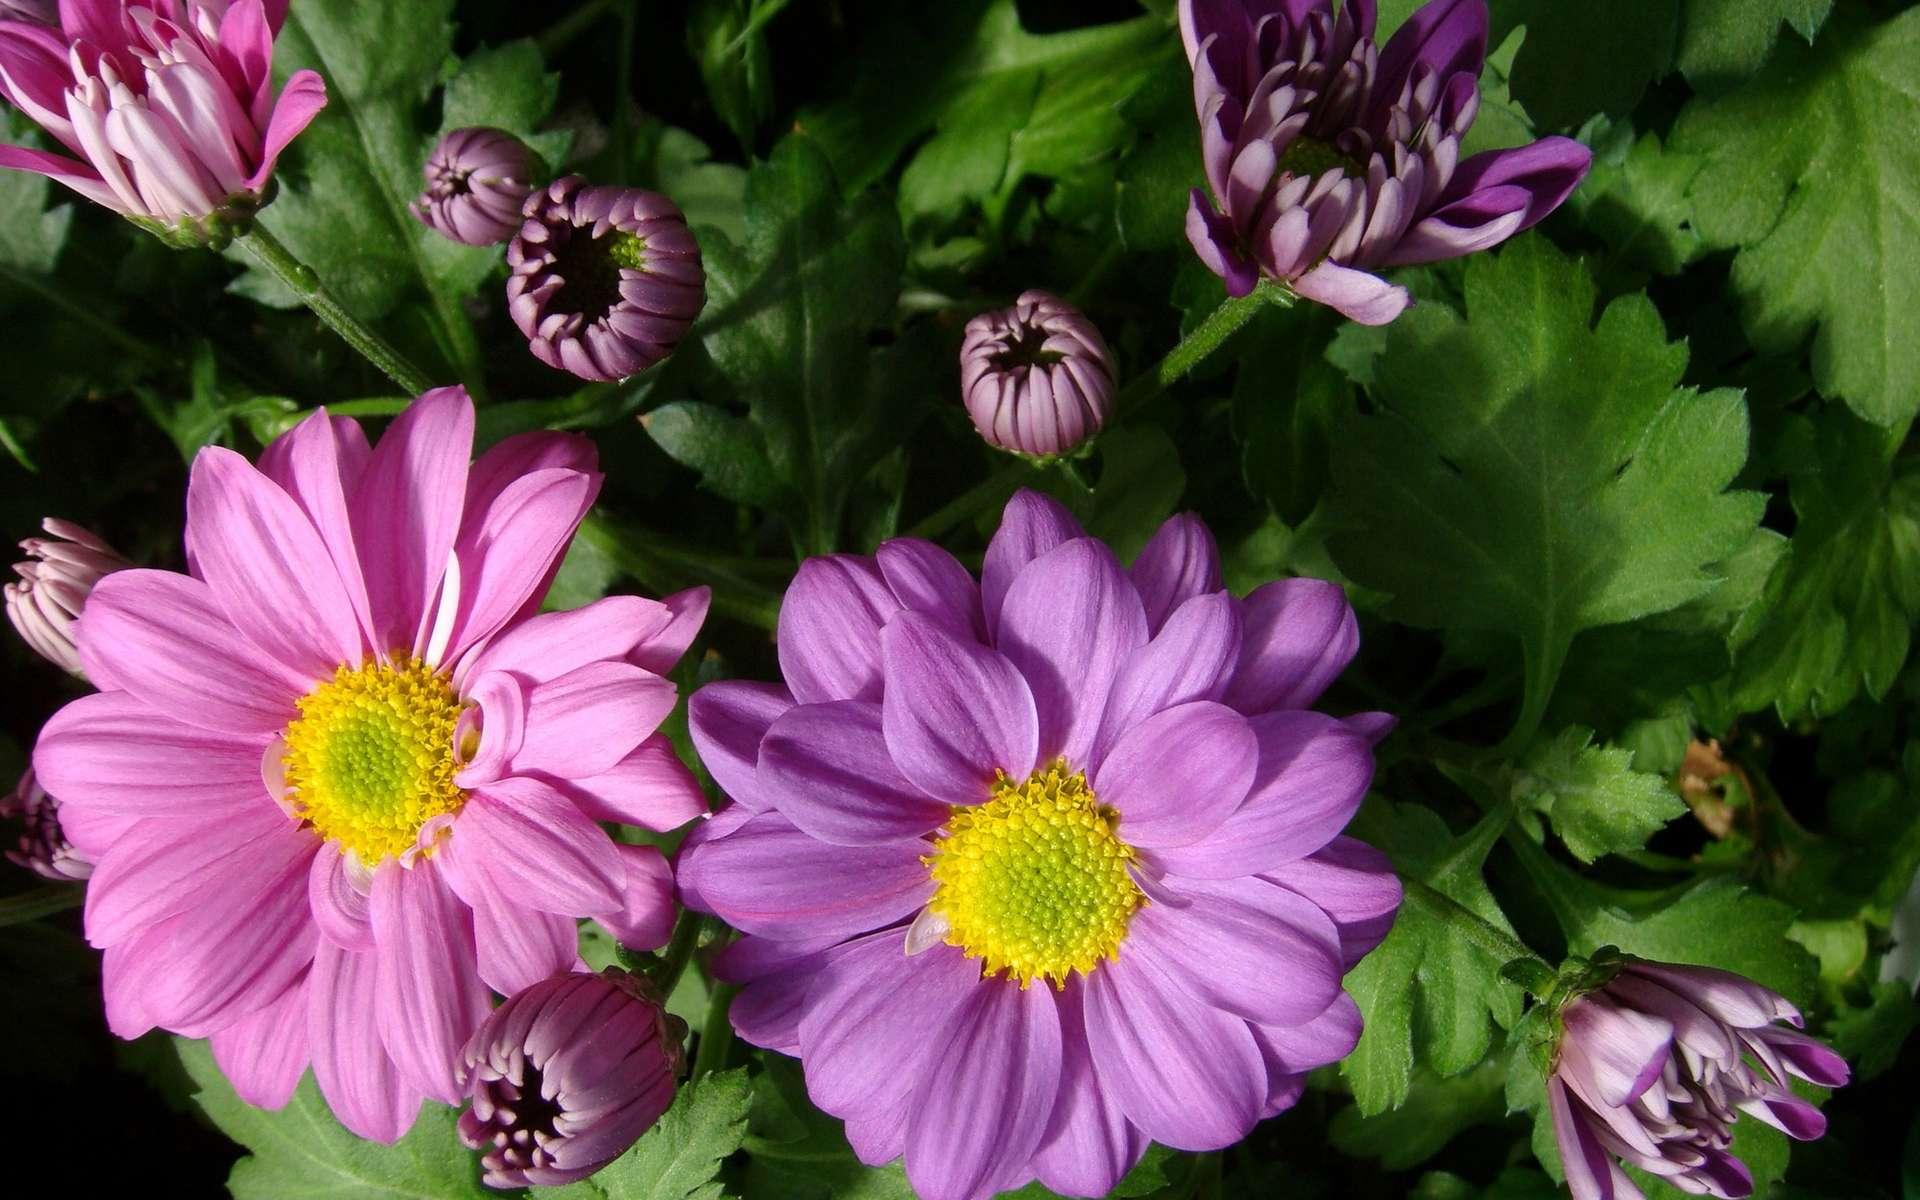 Des chrysanthèmes classiques. © Suntory Holdings Ltd